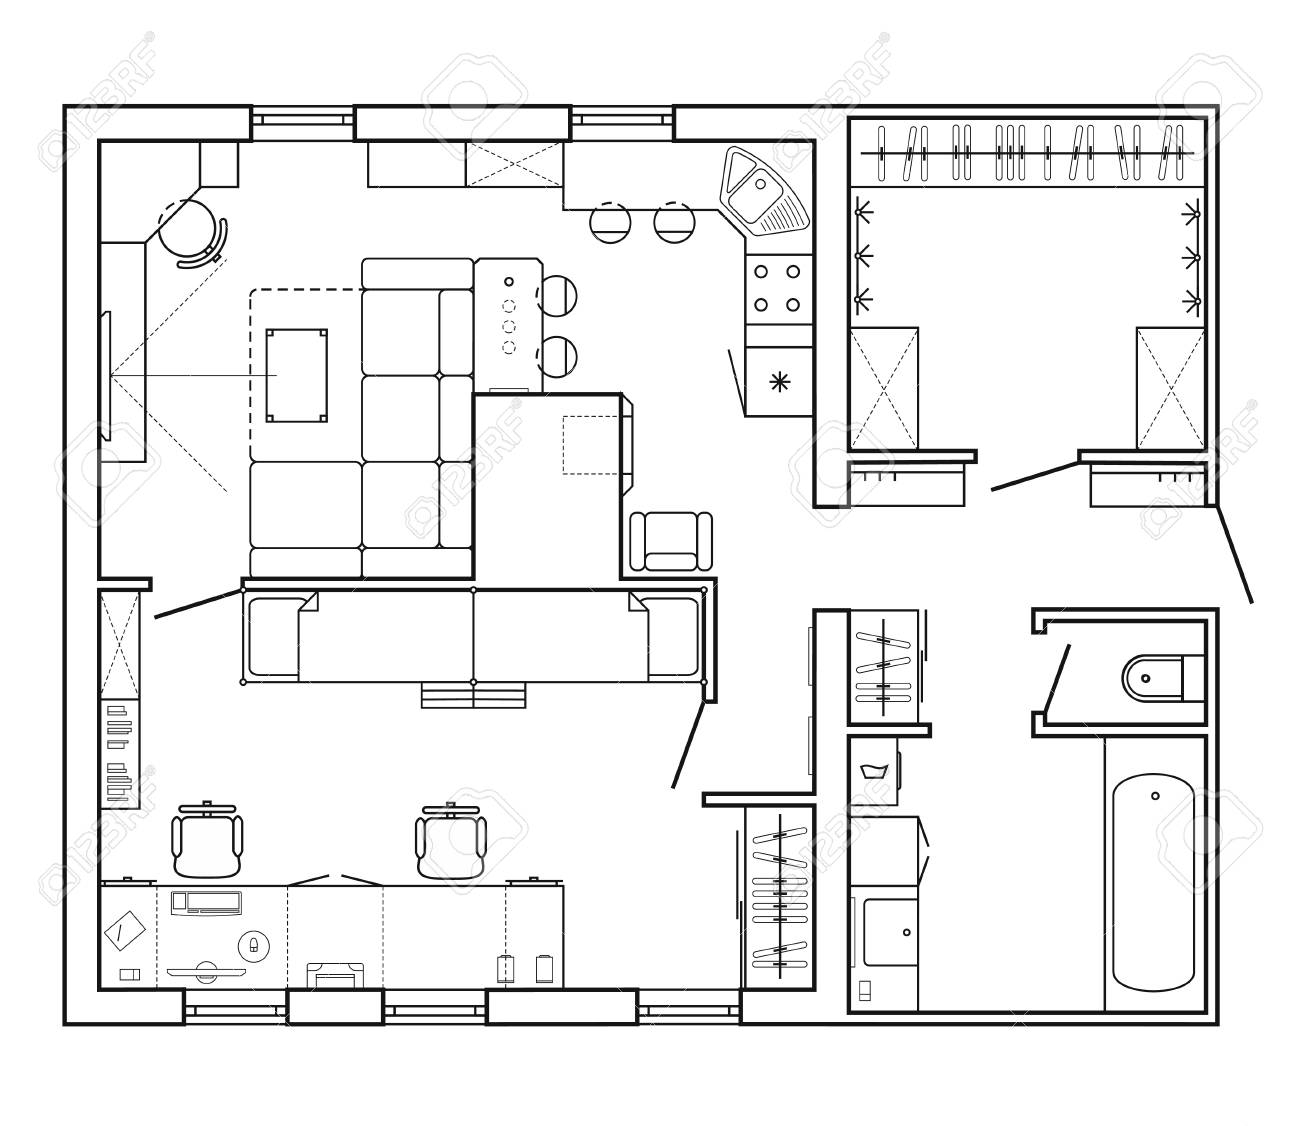 Architektonischer Plan Eines Hauses. Layout Der Wohnung Mit Den ...